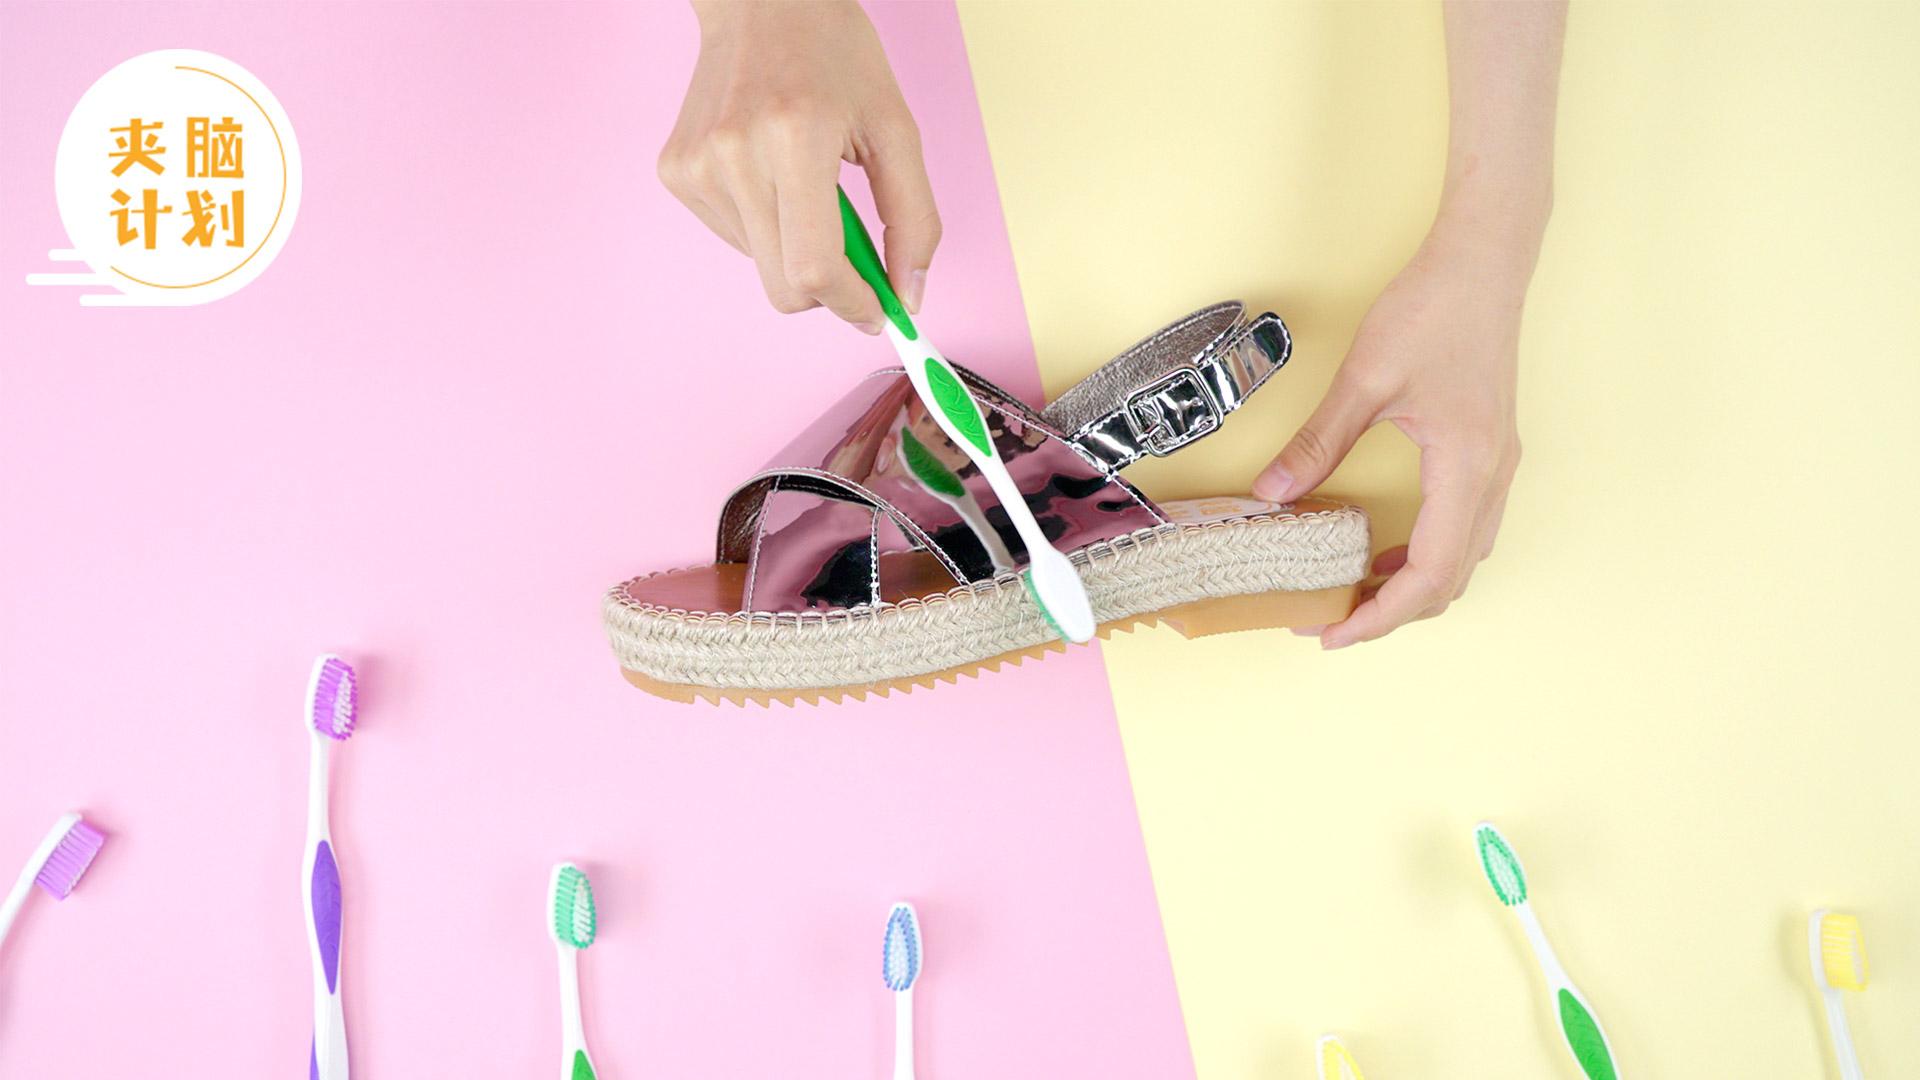 凉鞋清洁全攻略!